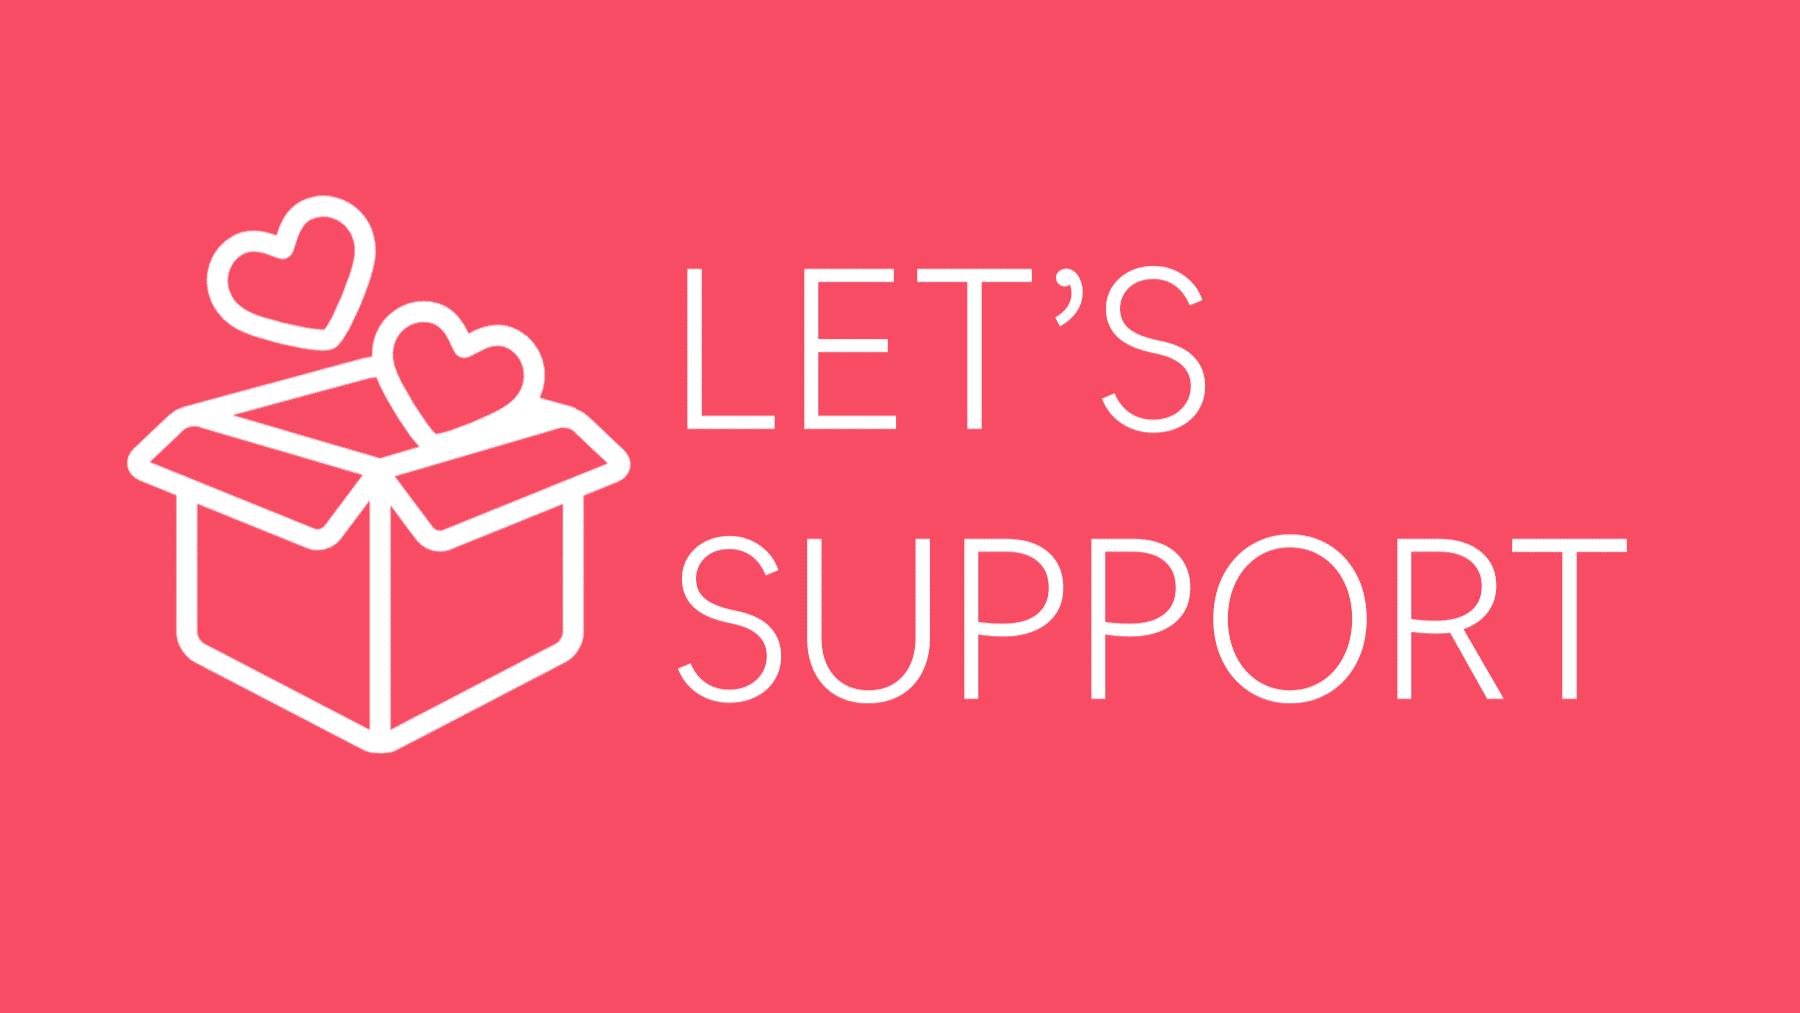 let's support logo 16 9